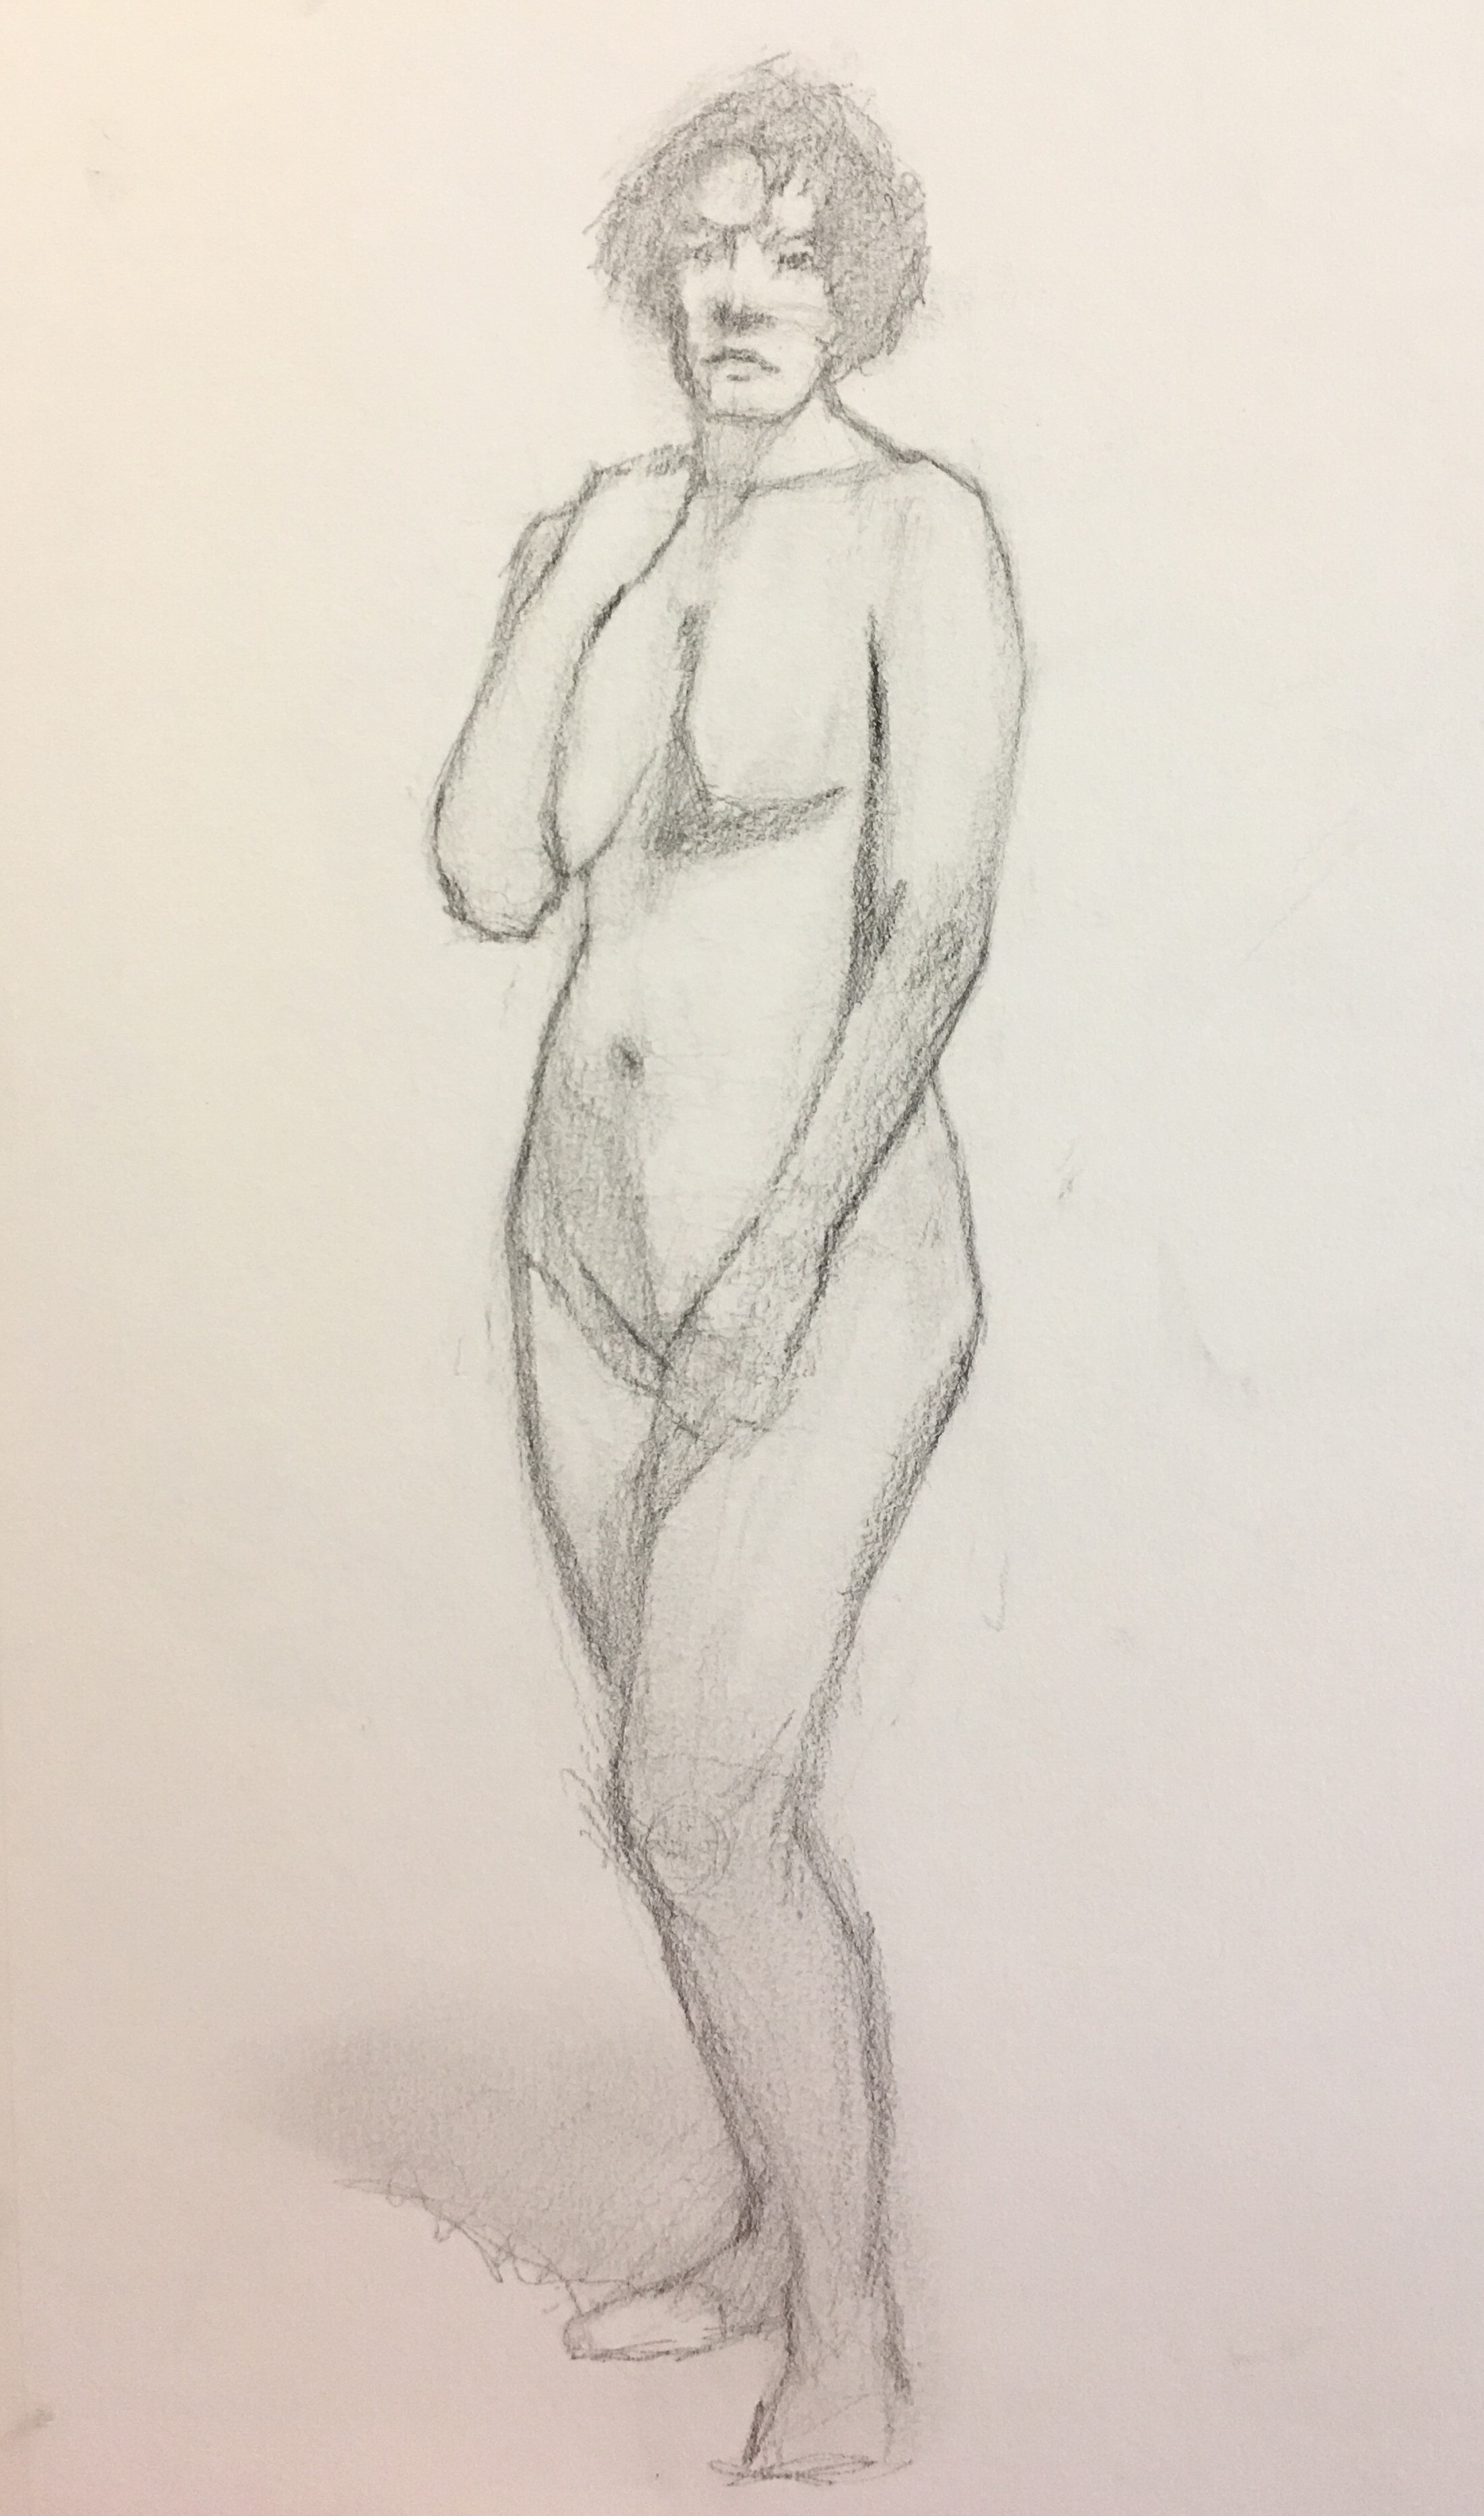 FigureSketch